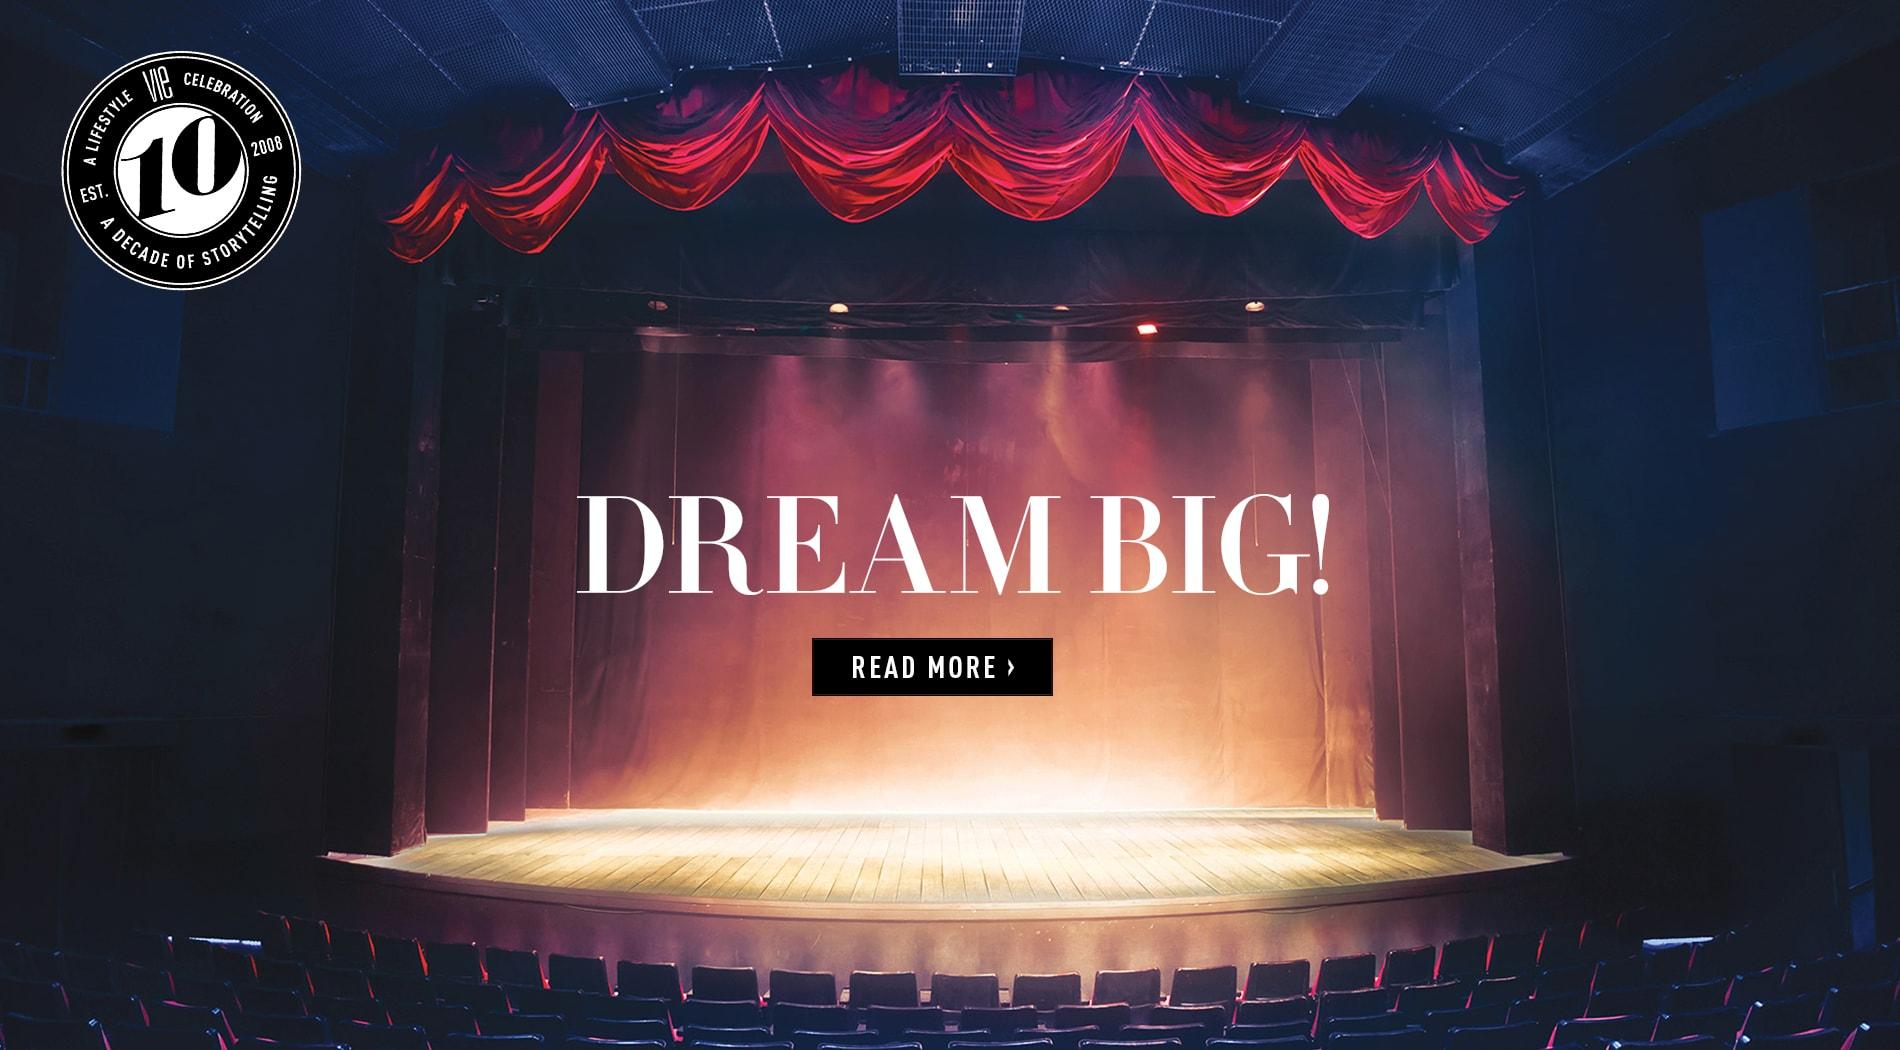 VIE Magazine - July 2018 Architecture & Design Issue - Dream Big!